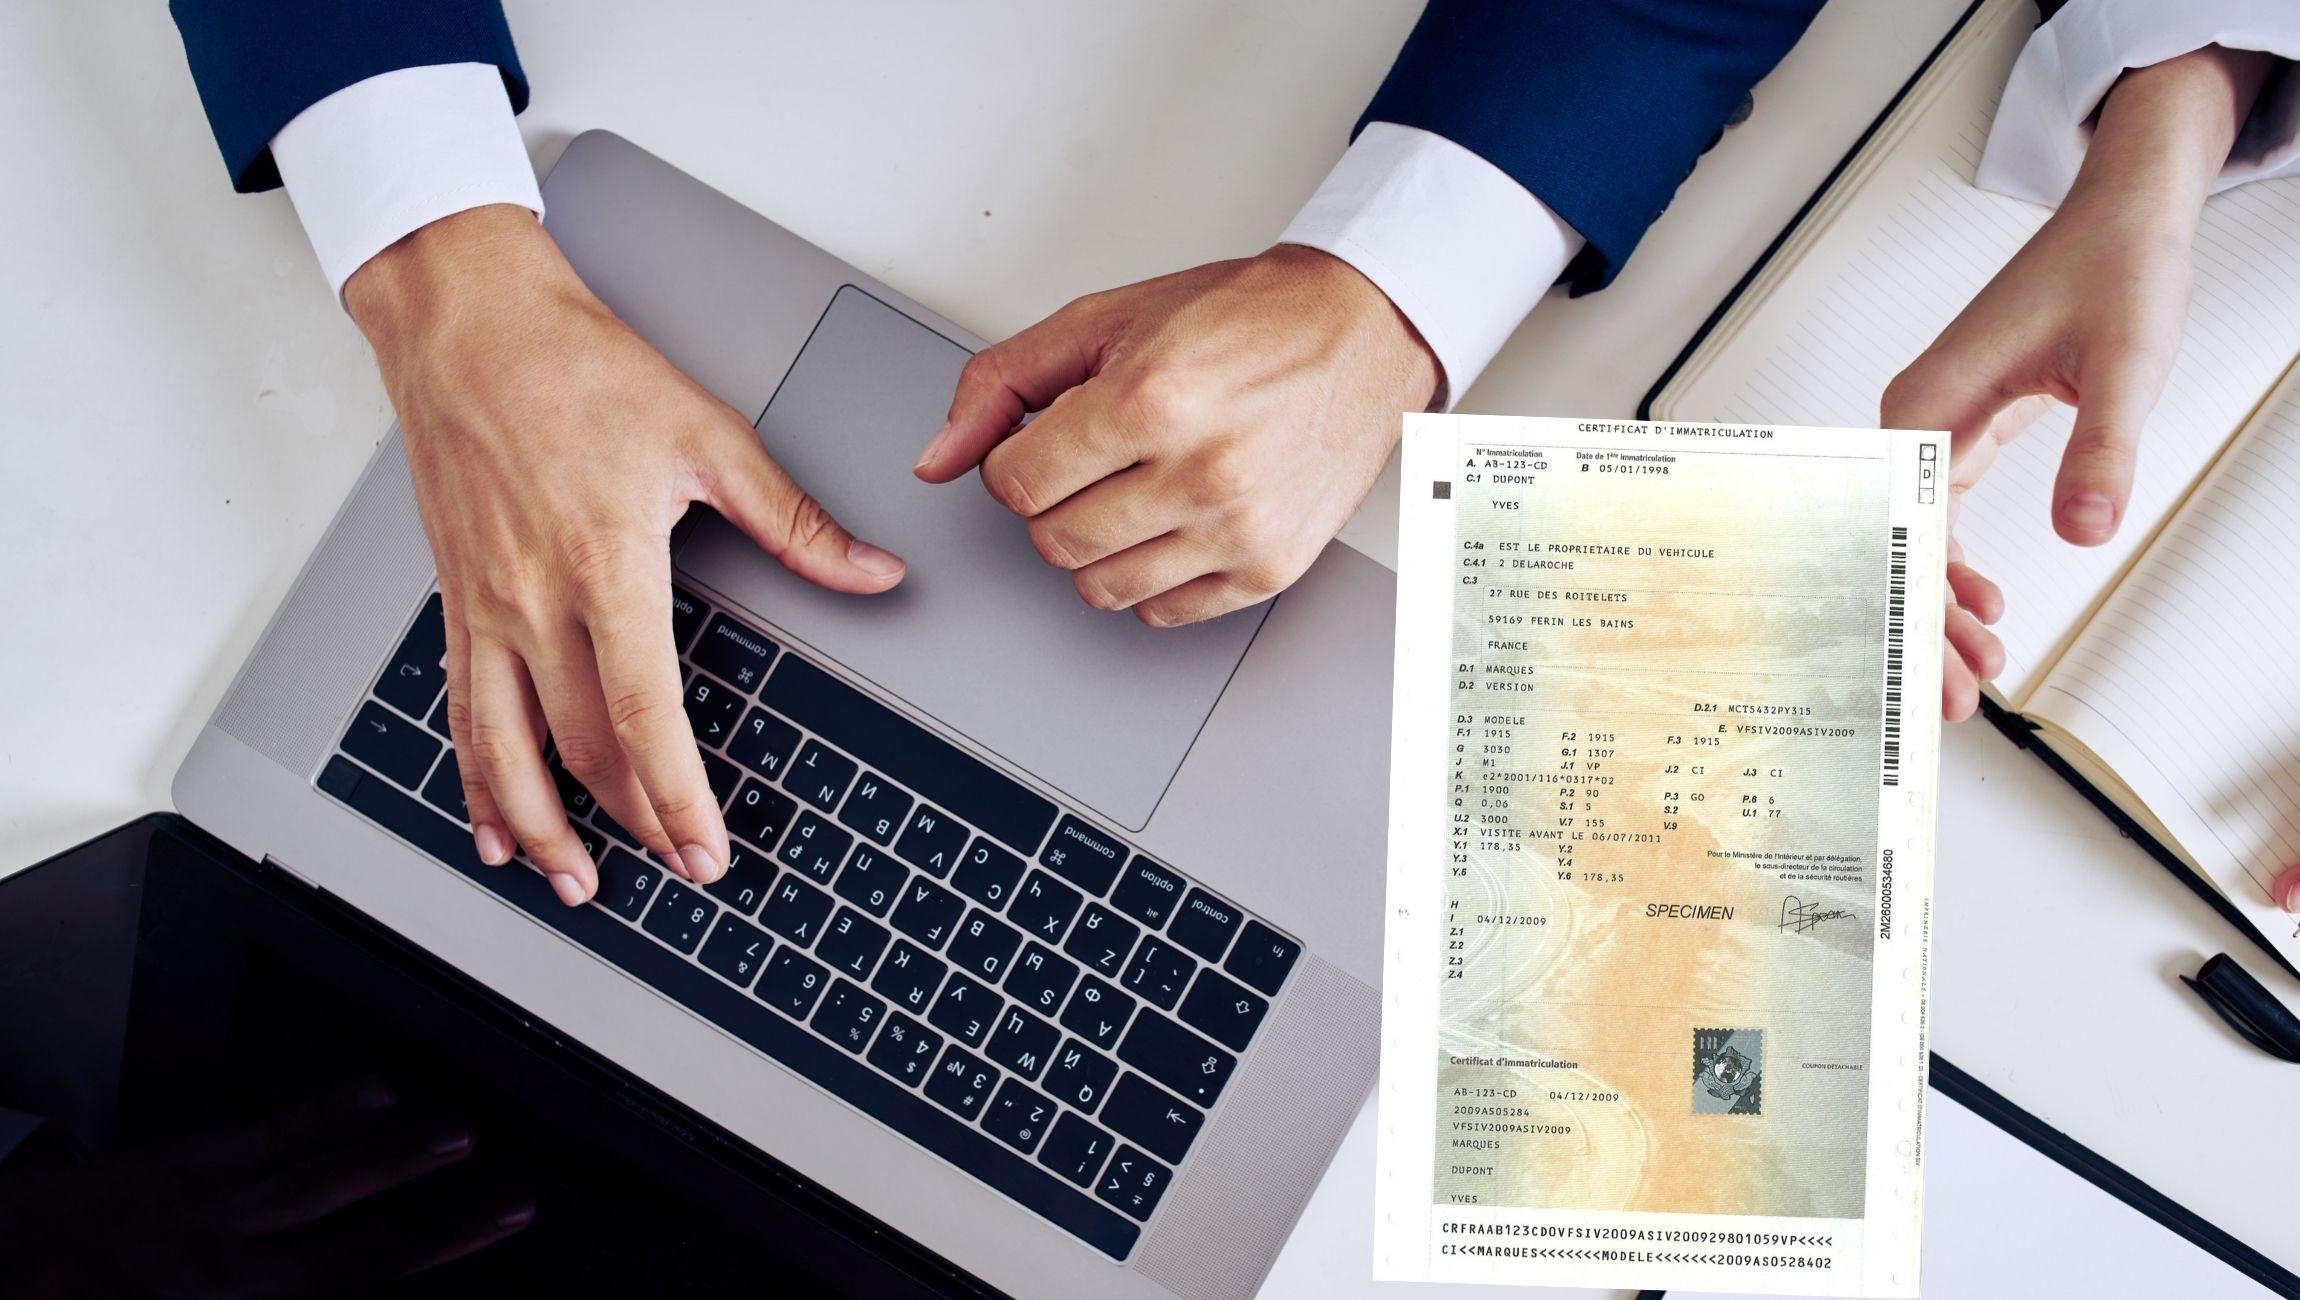 Changement titulaire / nom carte grise entreprise / véhicule de société / professionnel